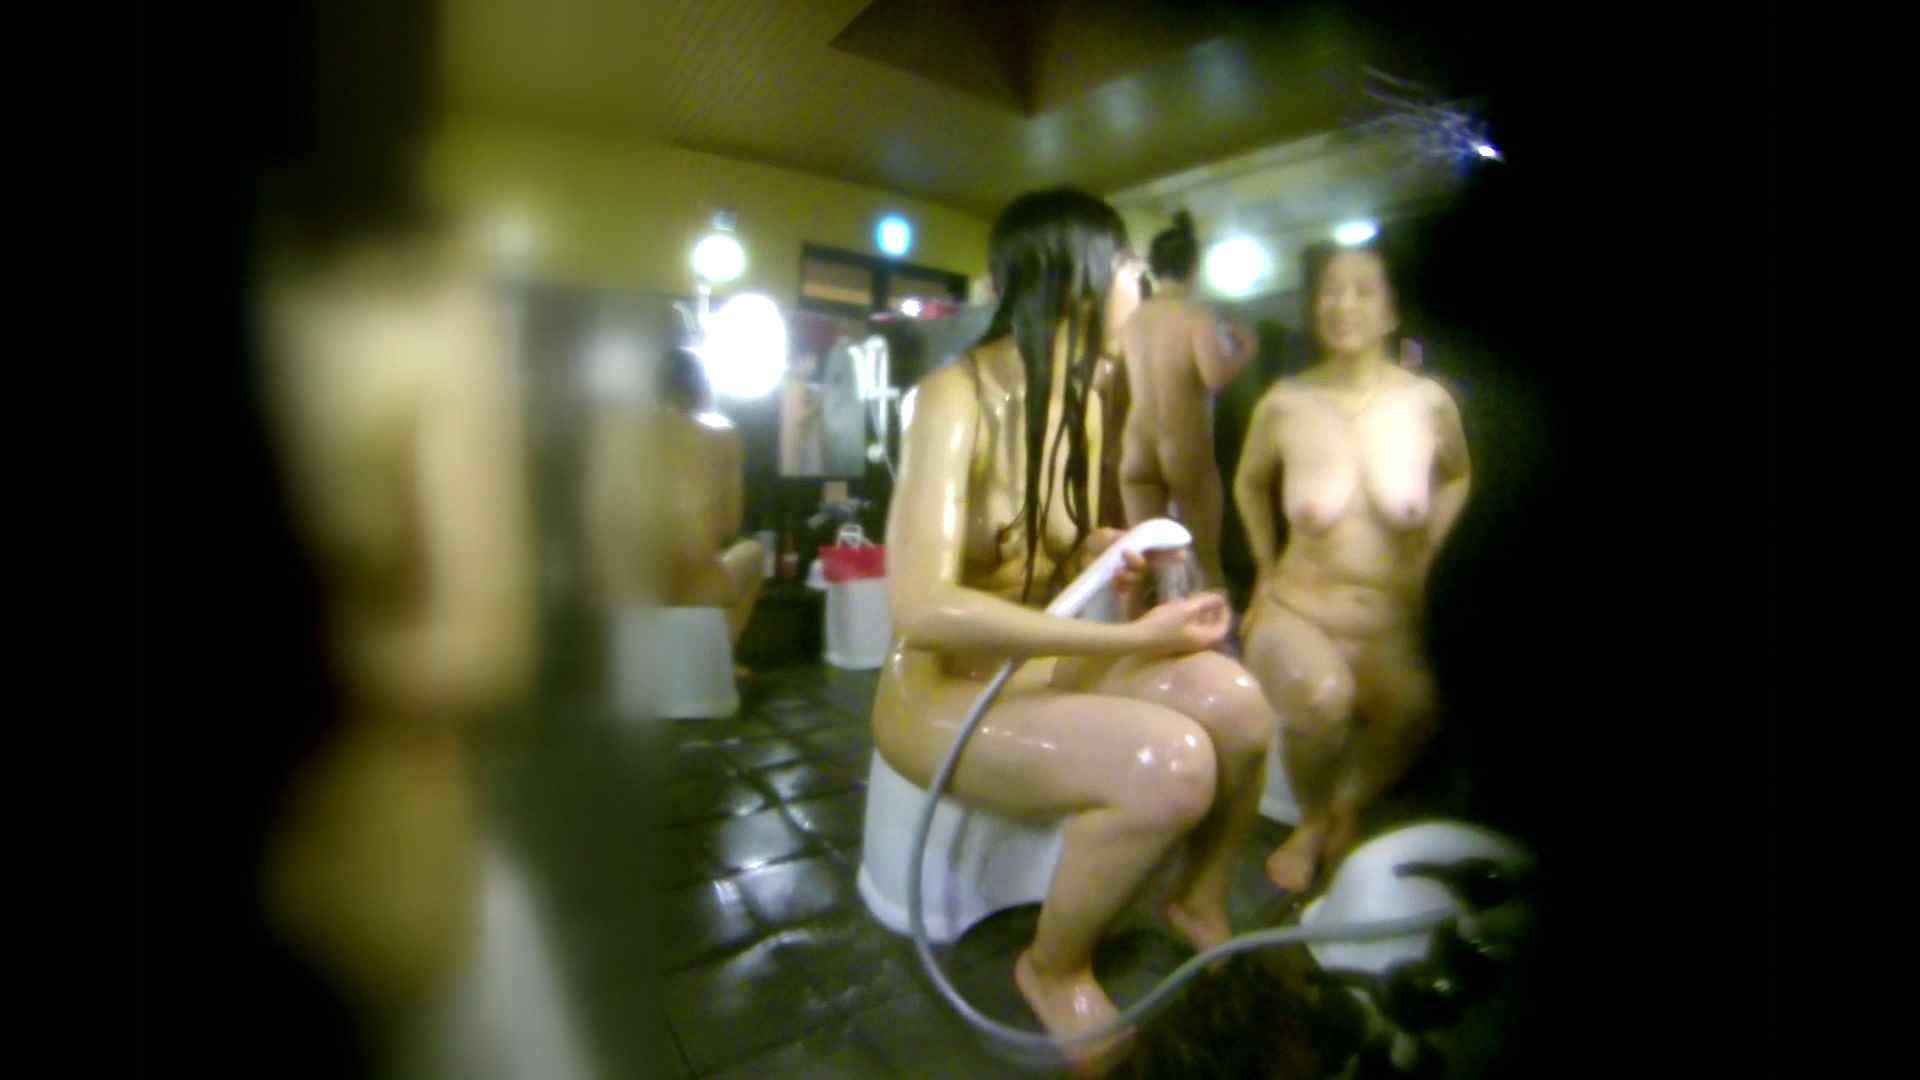 洗い場!右足の位置がいいですね。陰毛もっさり! 美乳 オマンコ無修正動画無料 111画像 81